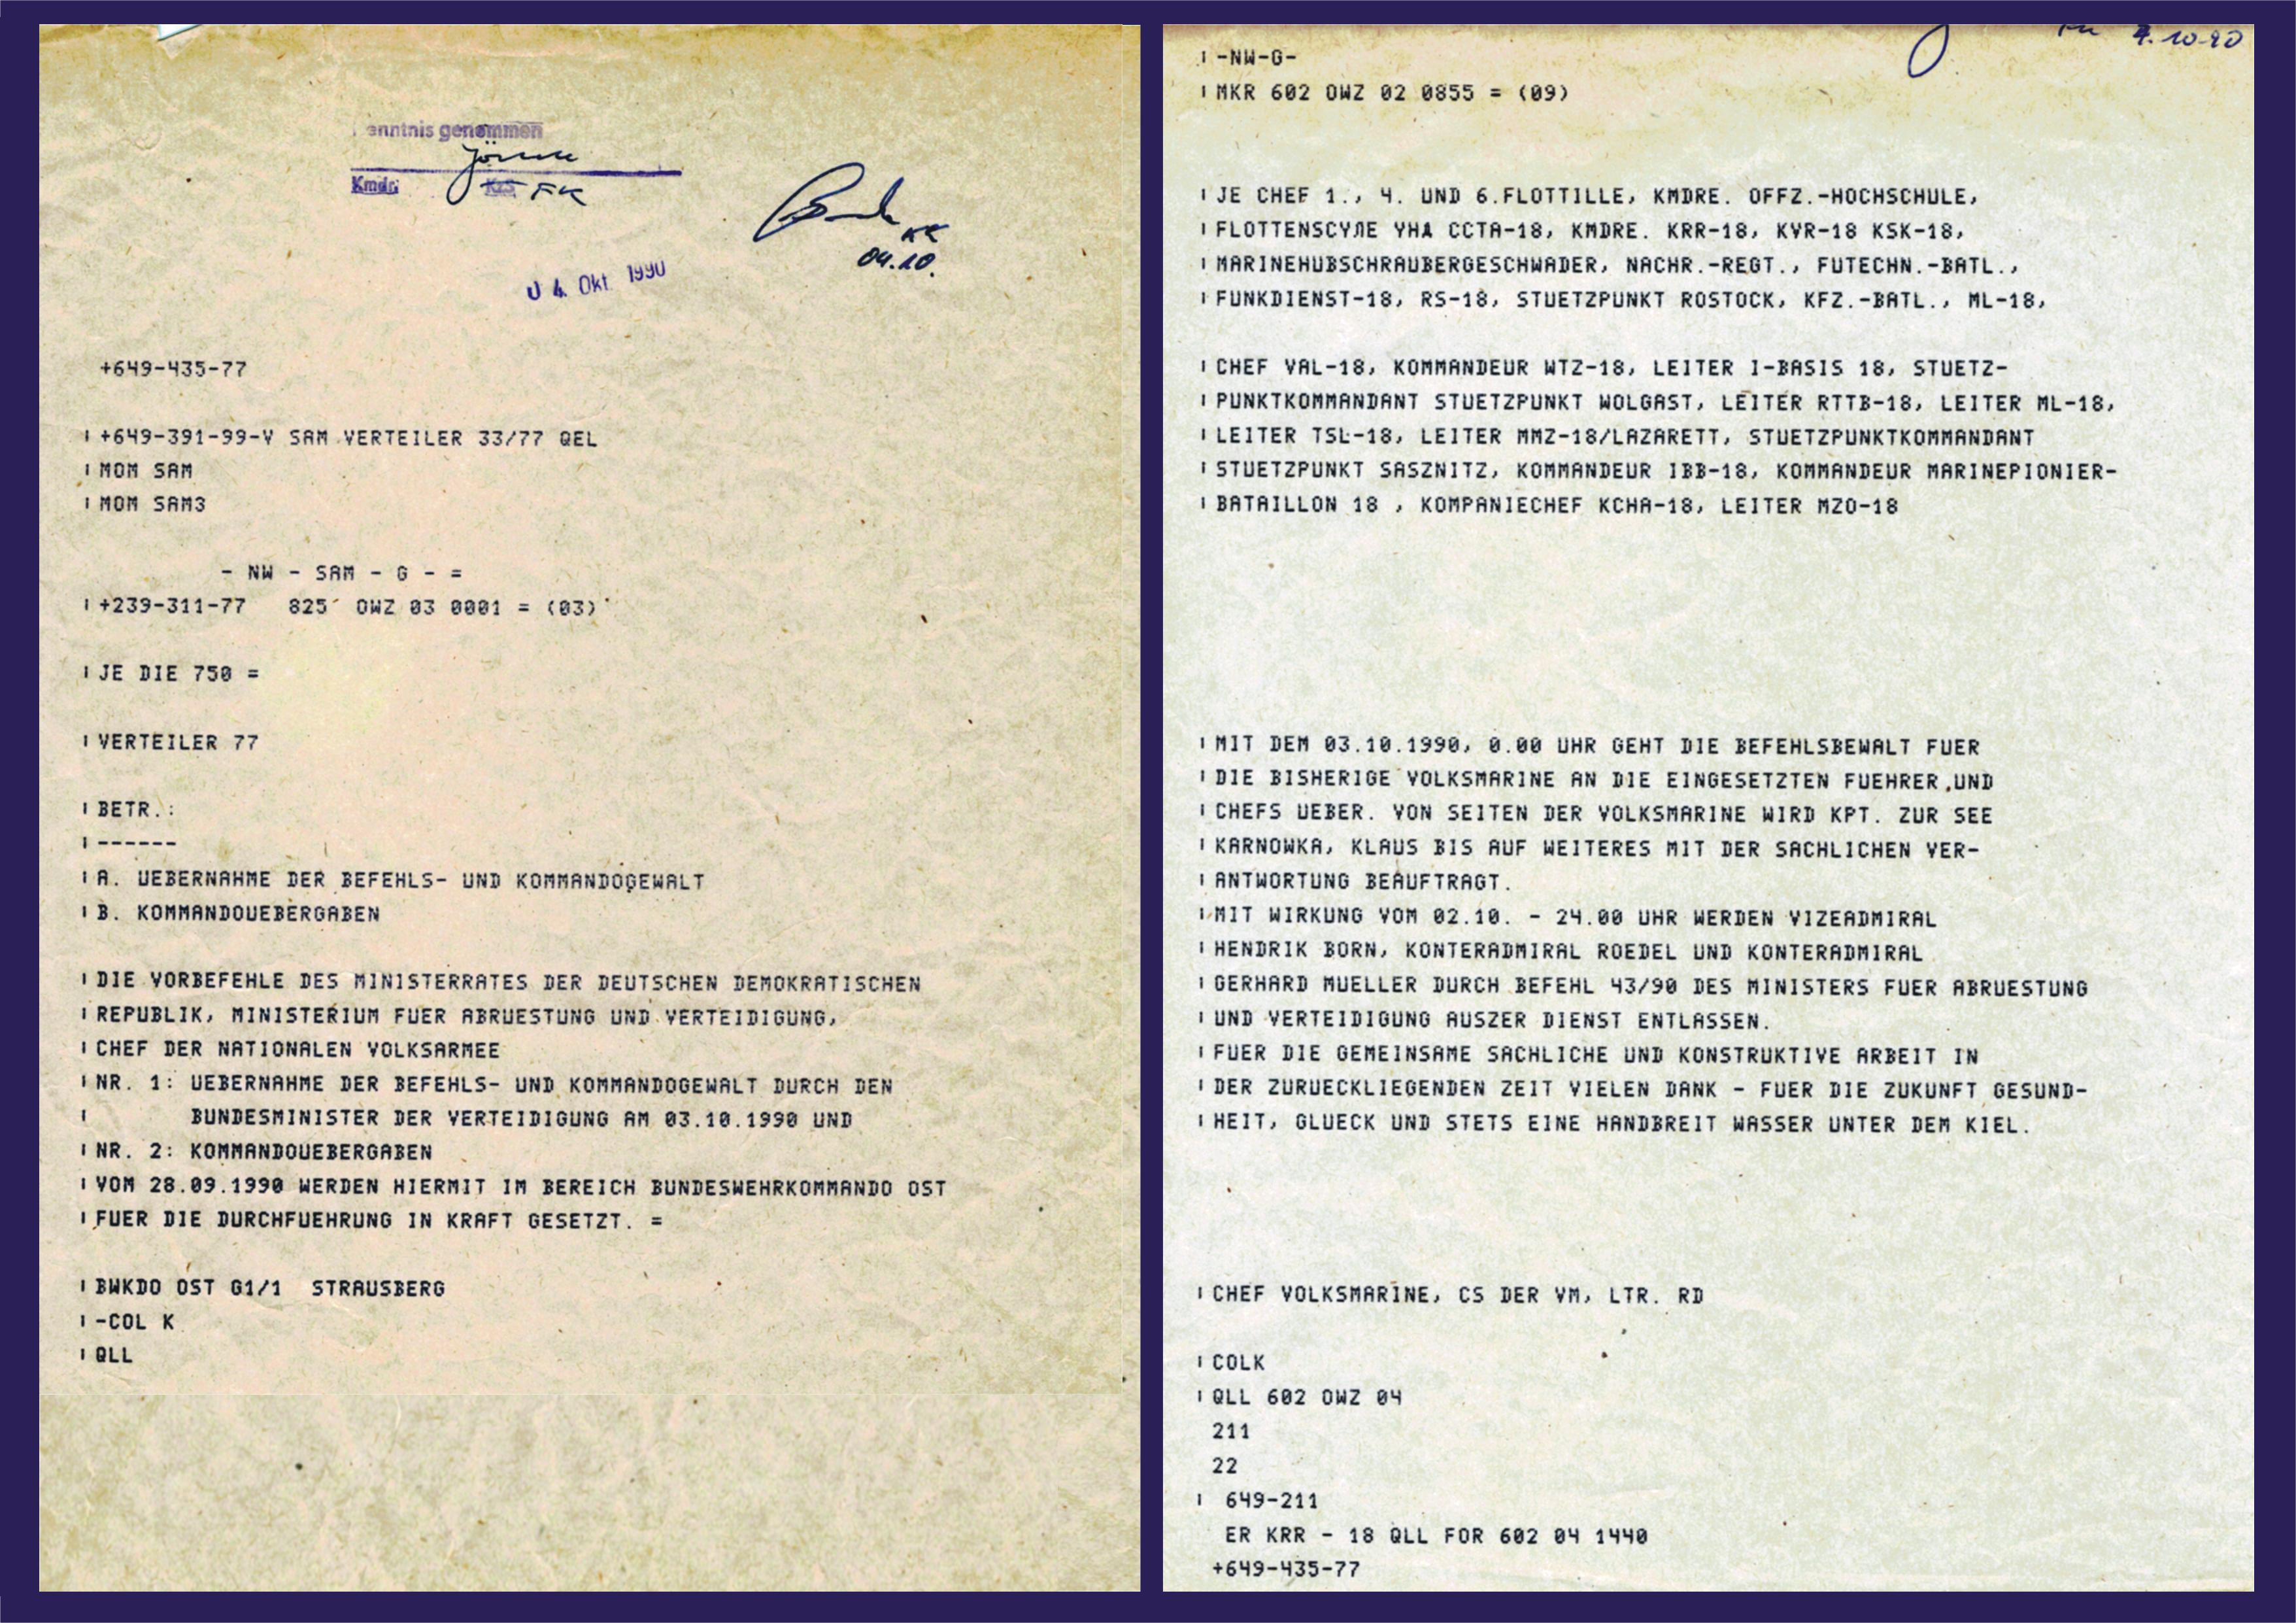 Funkspruch von Vizeadmiral Hendrik Born vom 02. Oktober 1990